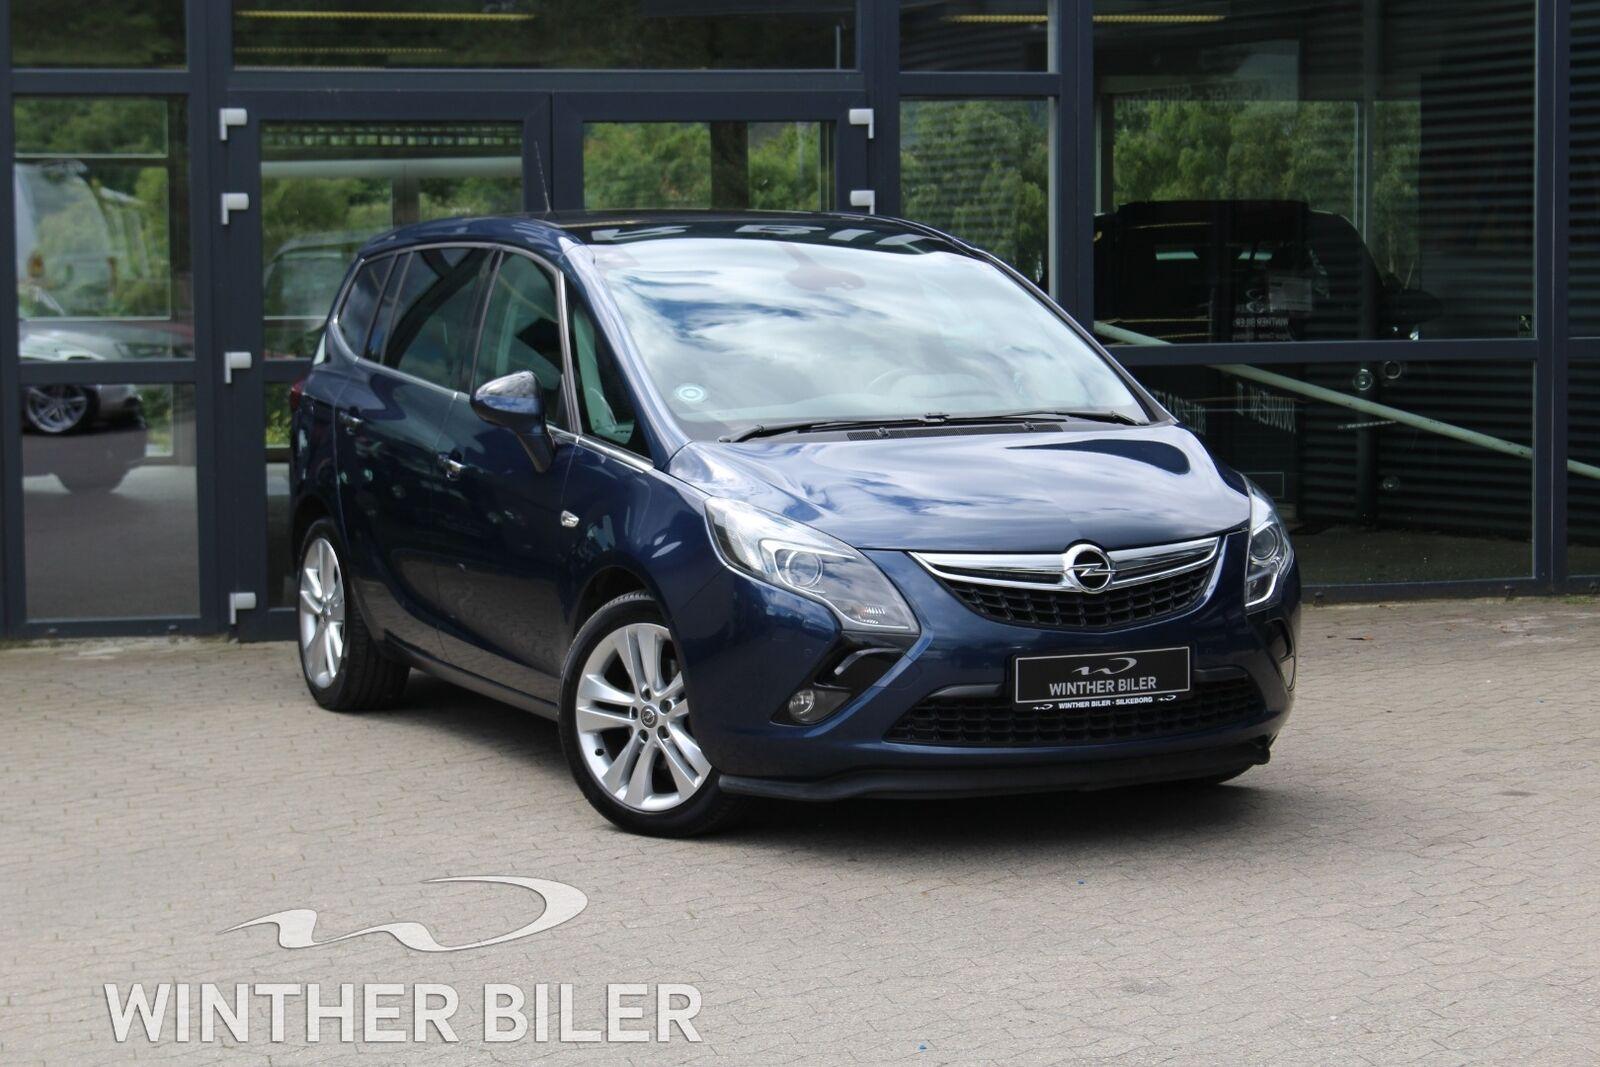 Opel Zafira Tourer 2,0 CDTi 130 Cosmo eco 7prs 5d